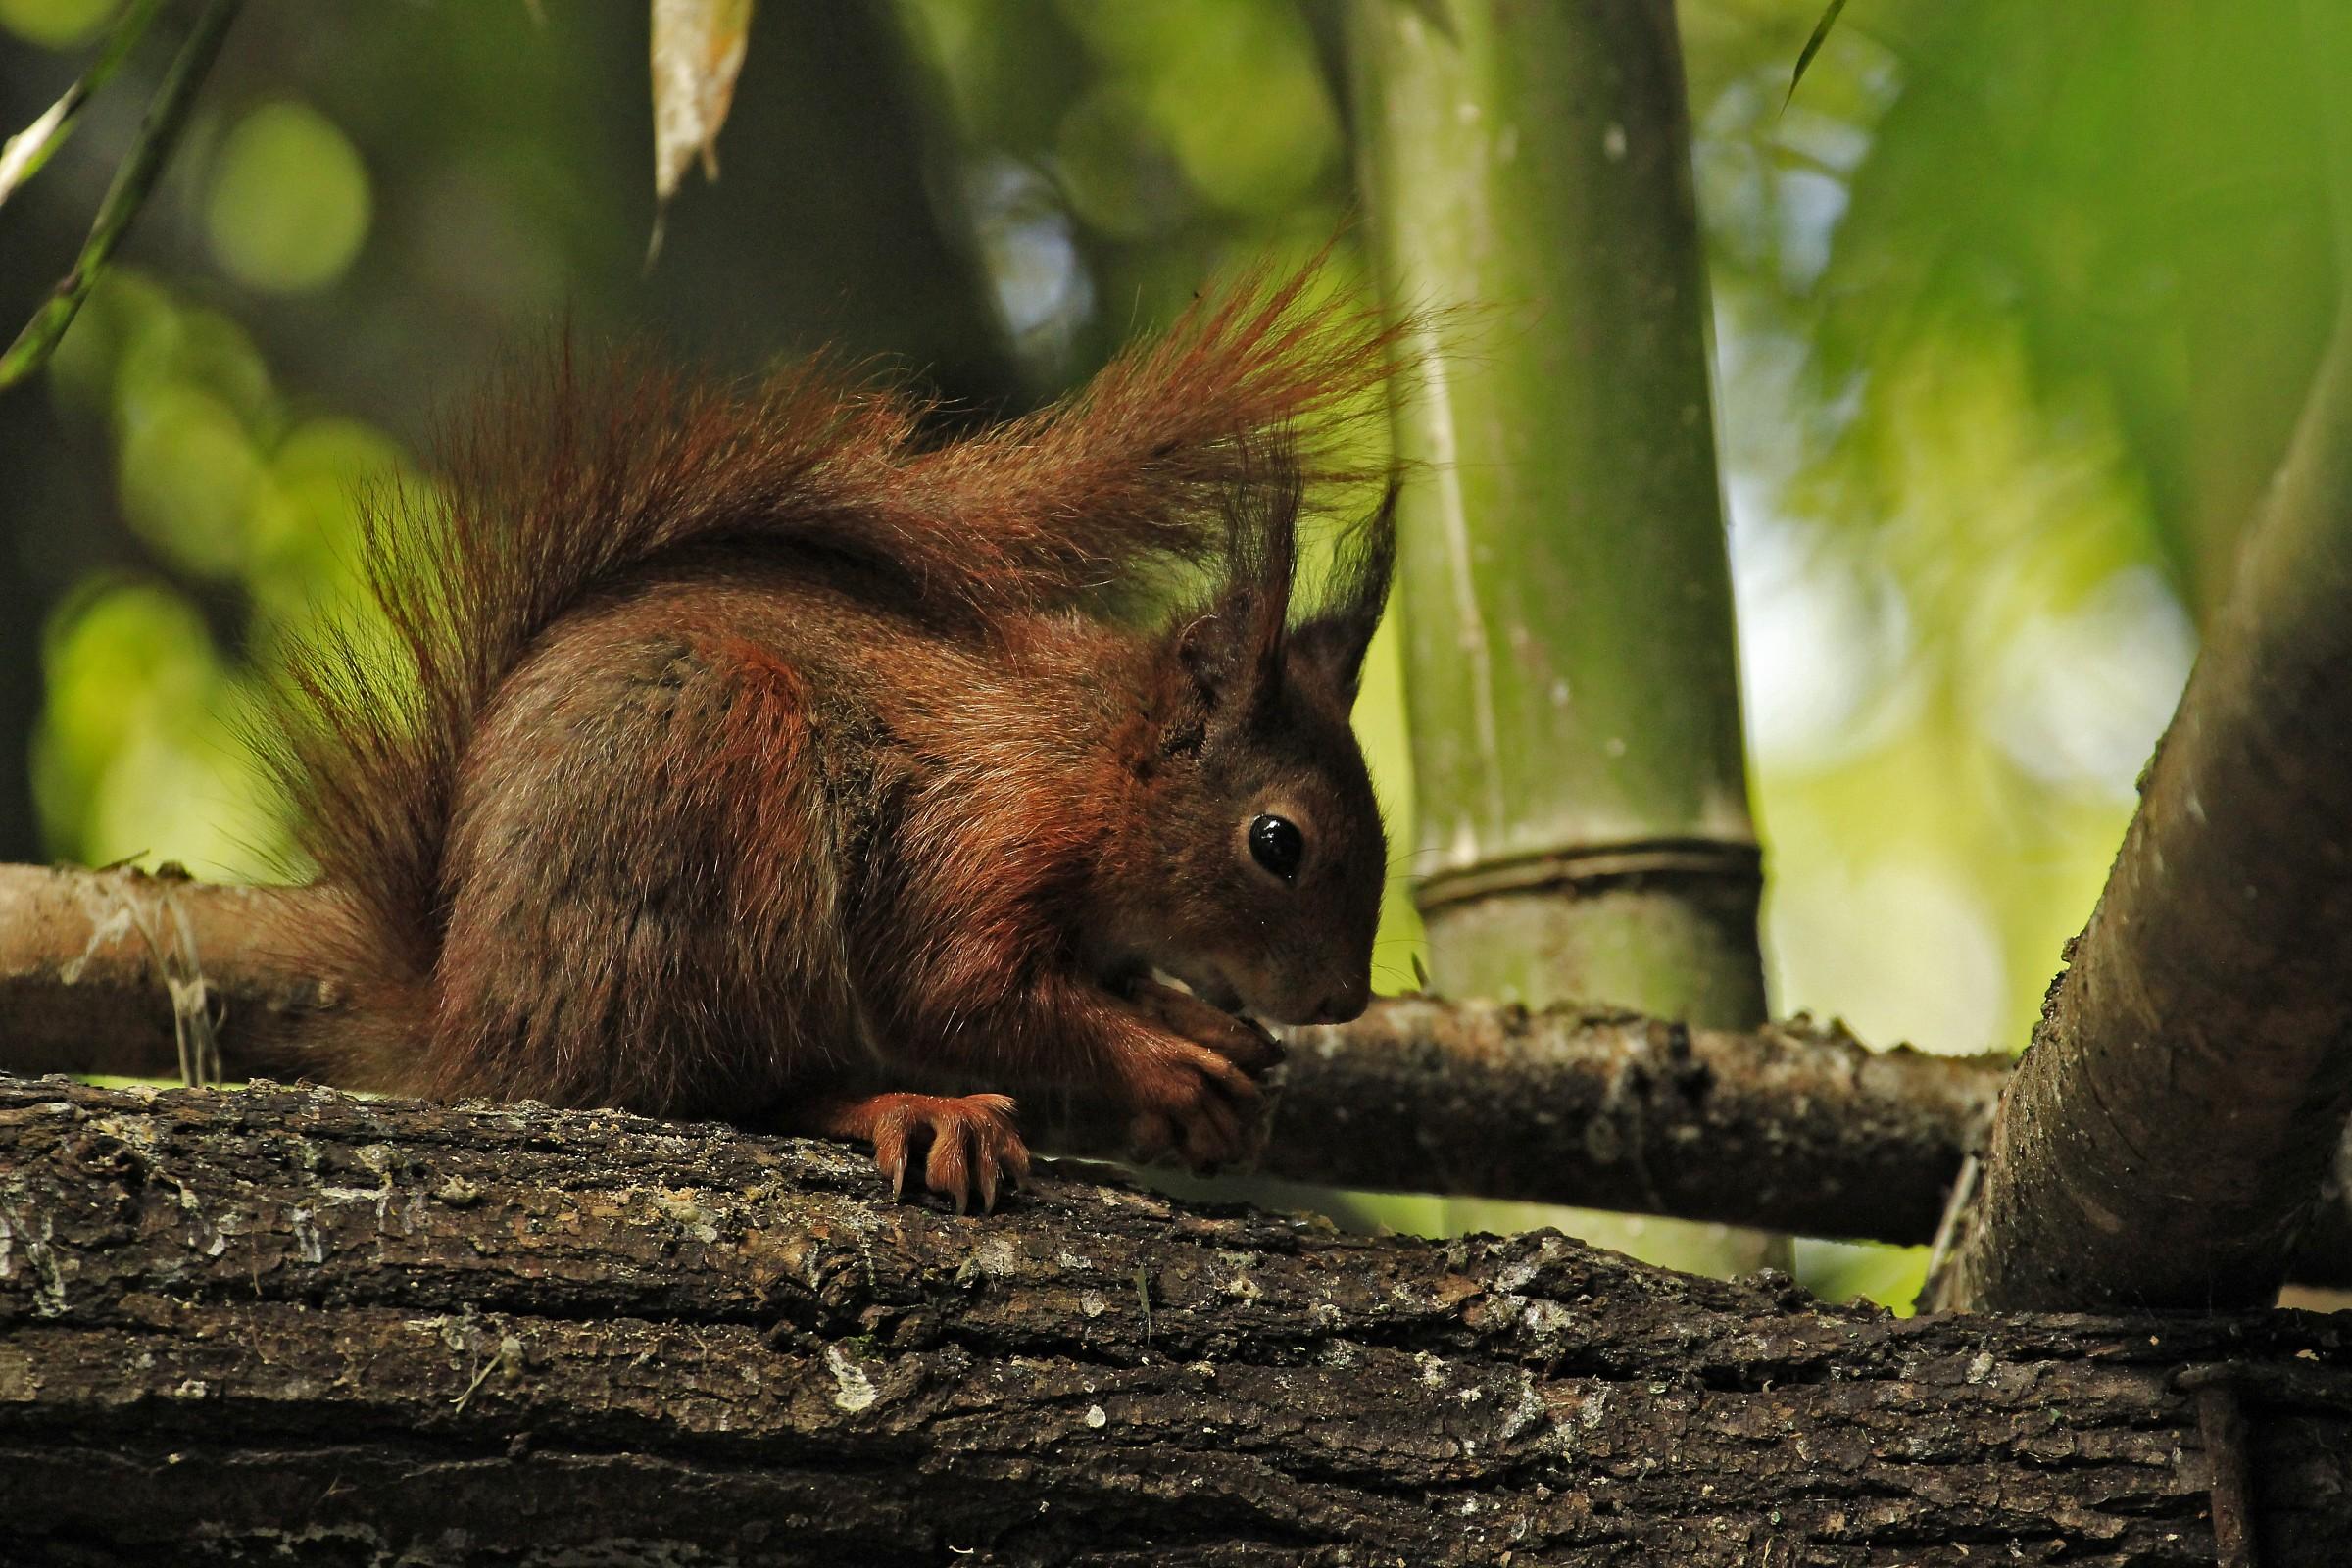 greedy squirrel...